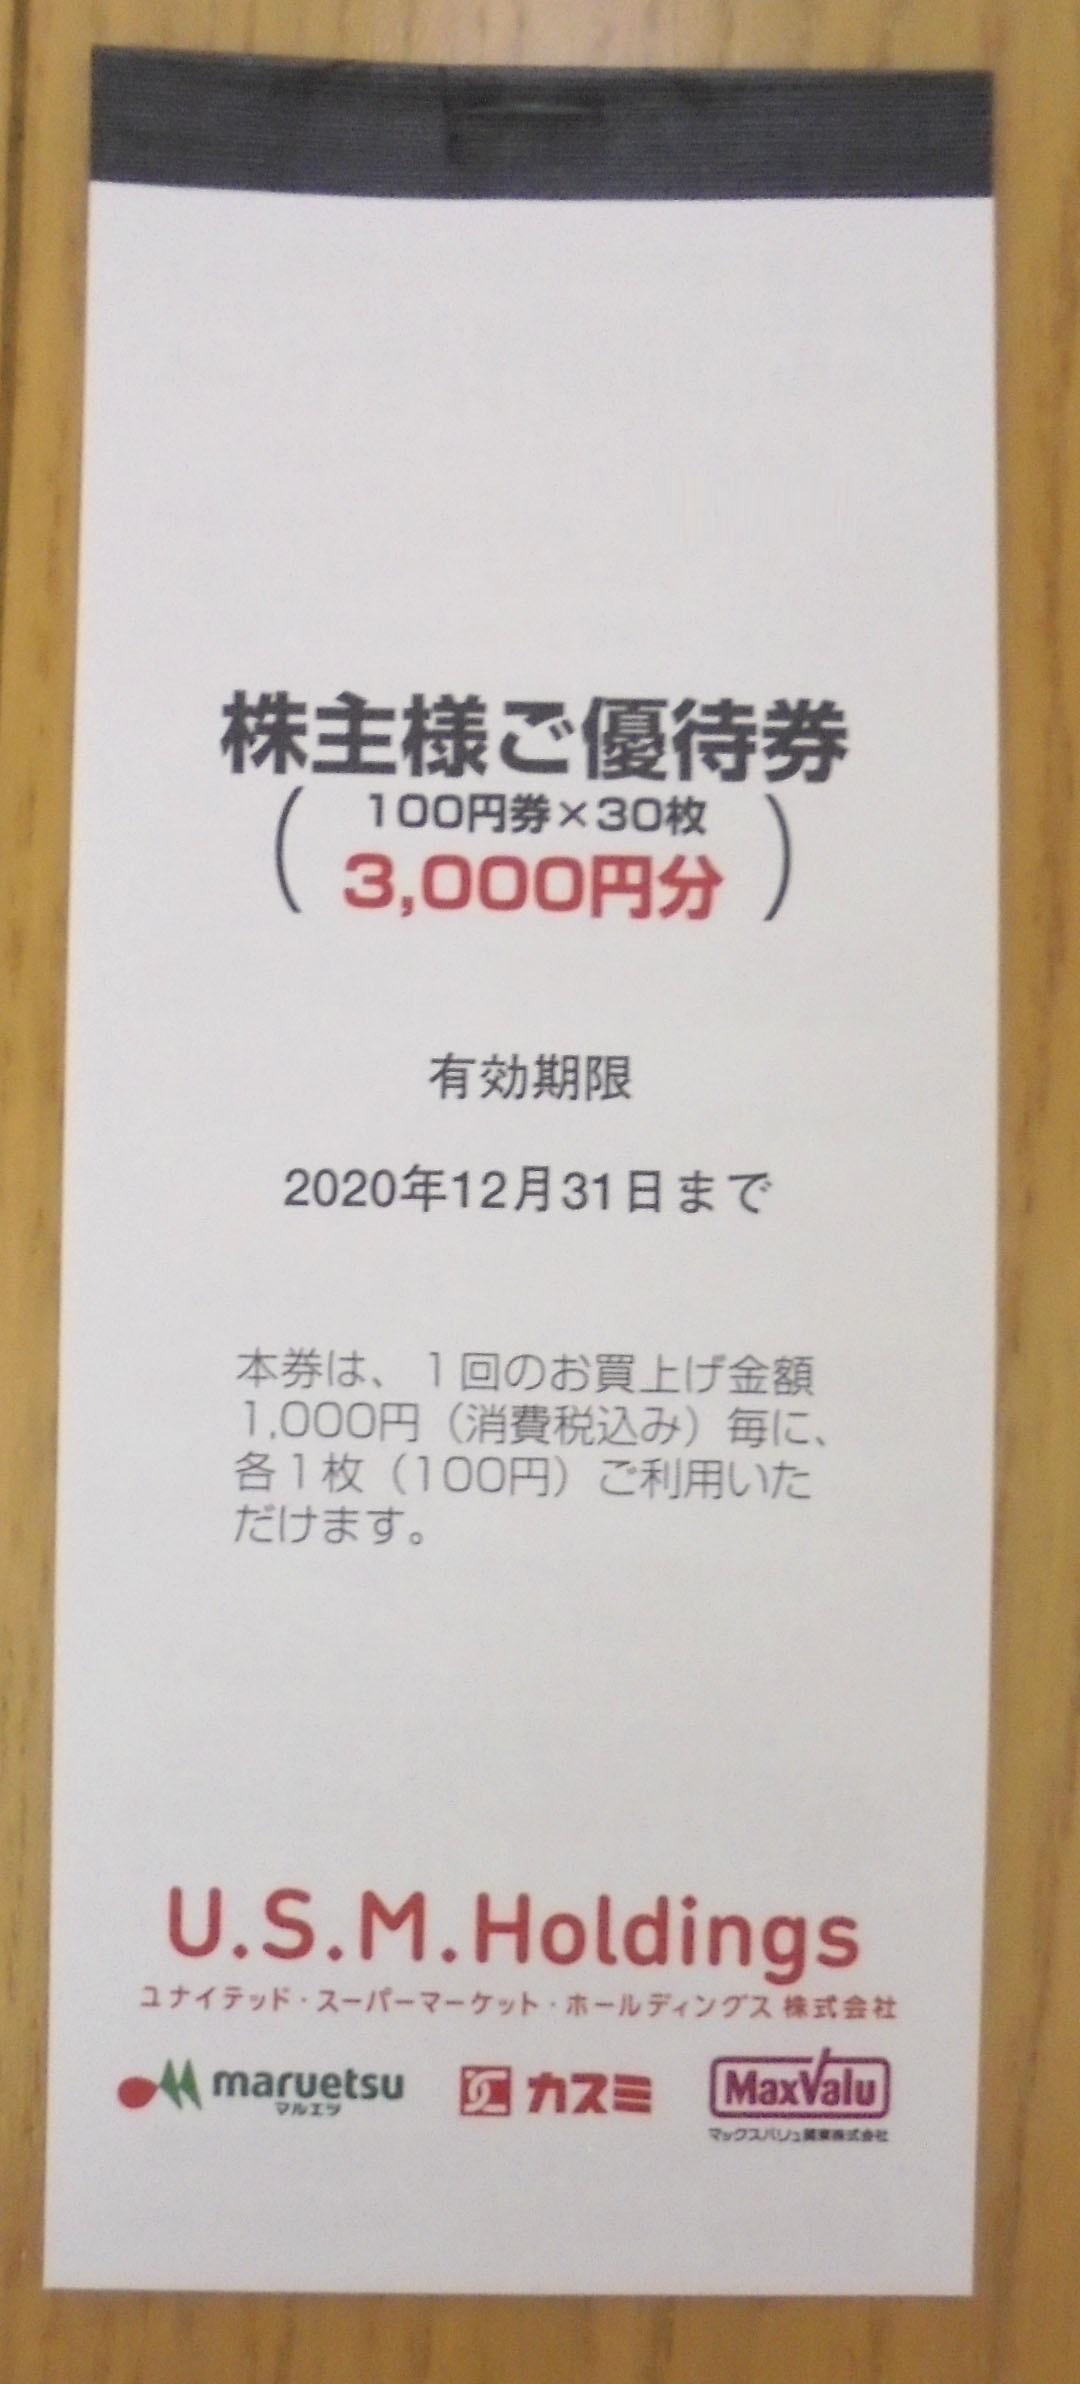 202006252025097fb.jpg